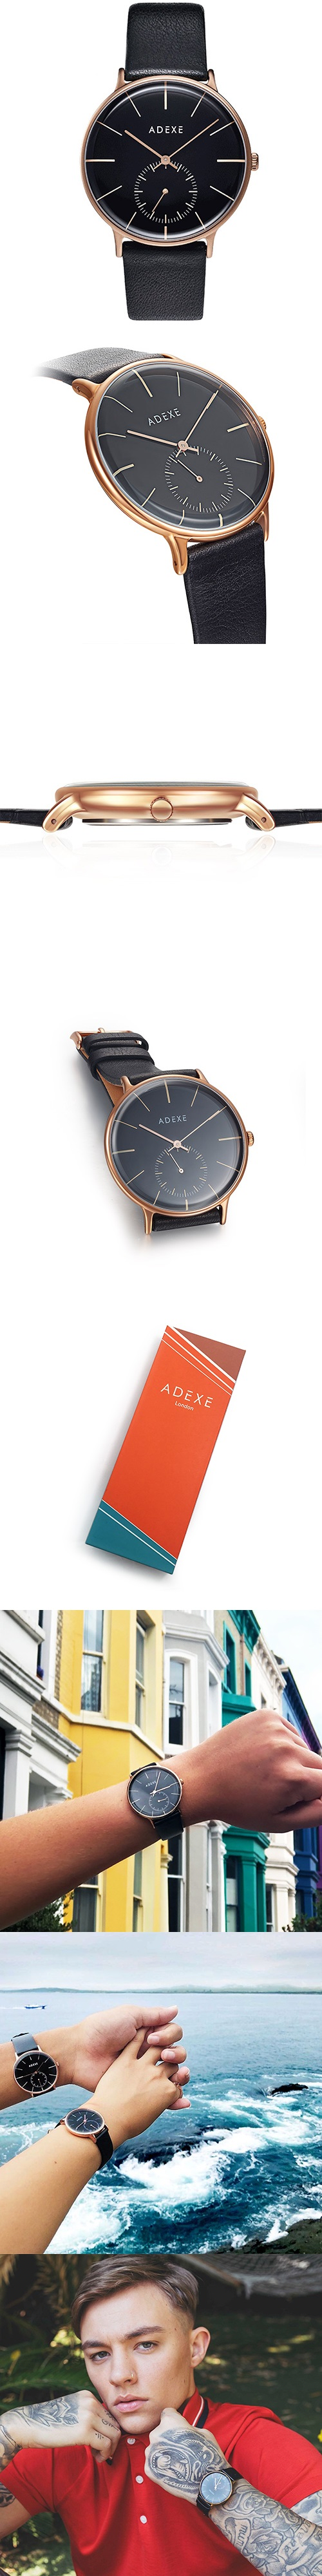 (複製)ADEXE|英國時尚手錶 MAC日期顯示系列白錶盤x銀錶框皮革錶帶32.5mm 2043B-02